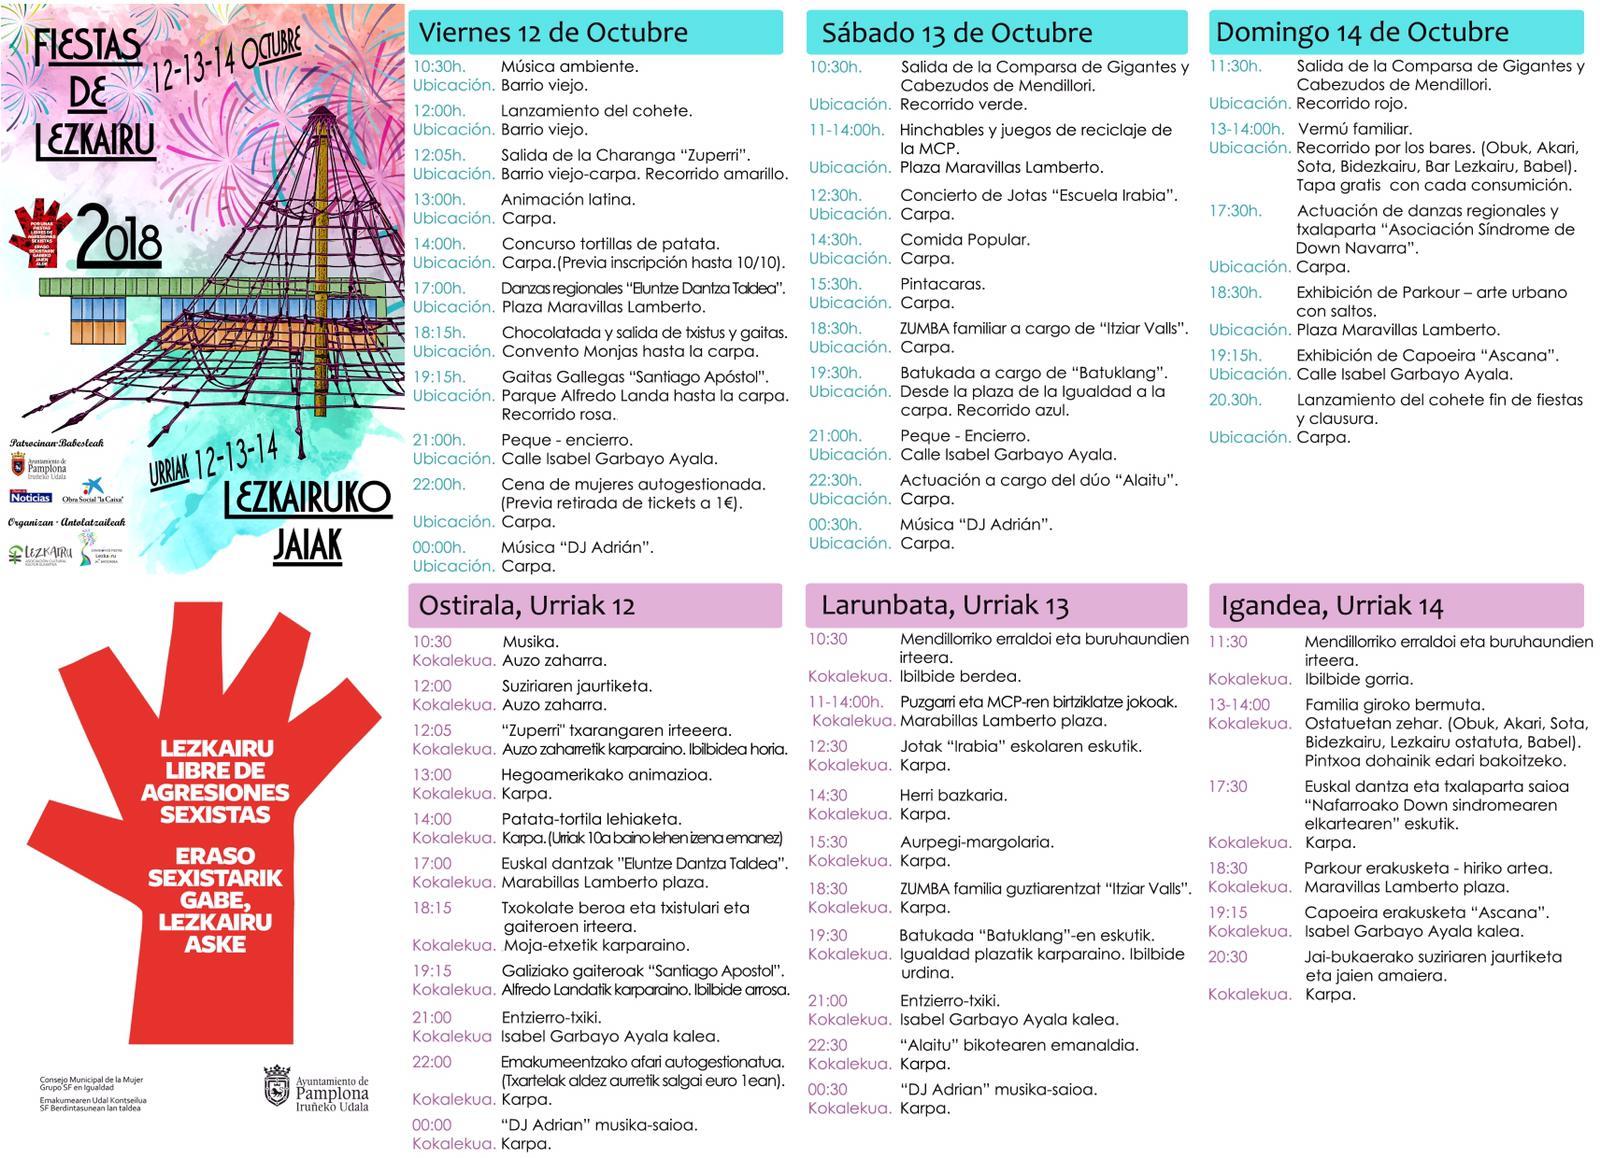 Fiestas Lezkairu 2018: programa